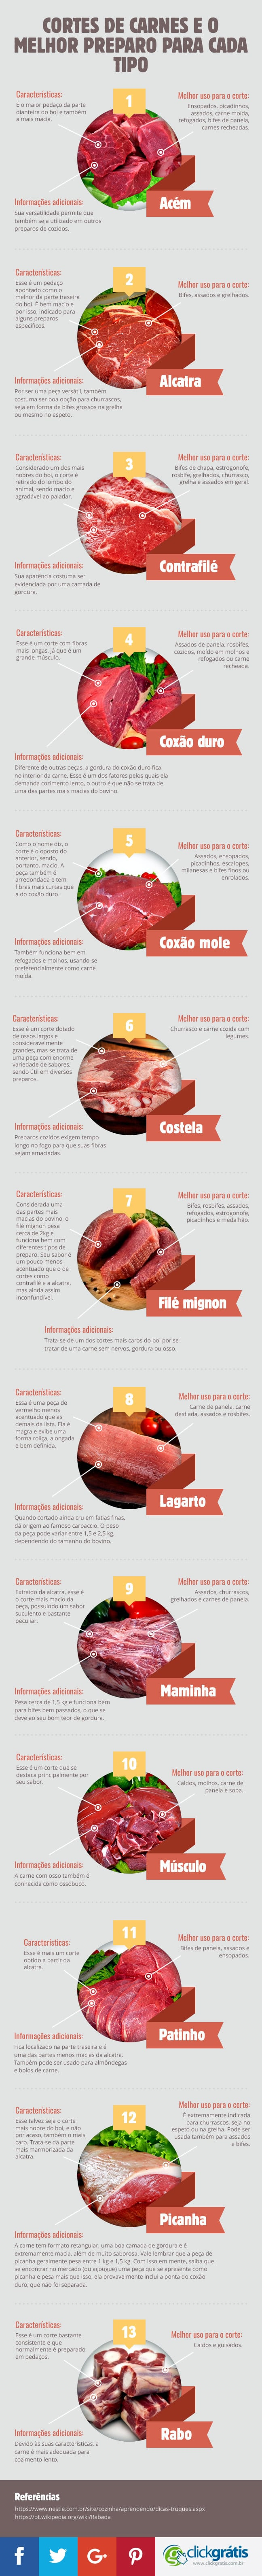 Cortes-de-Carnes